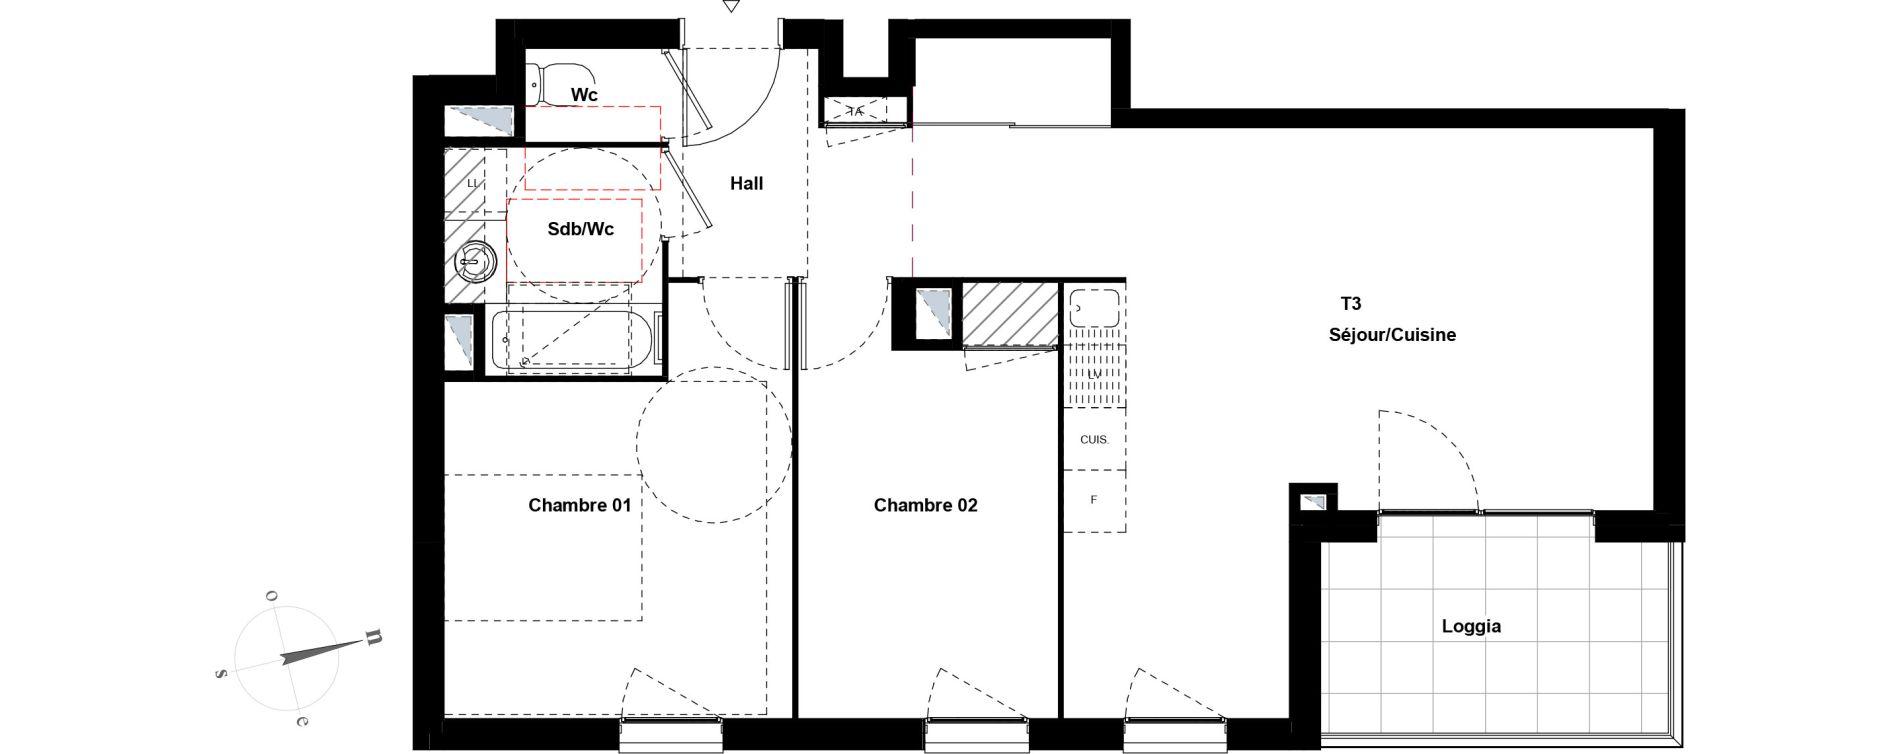 Appartement T3 de 60,84 m2 à Villeurbanne Gratte-ciel - dedieu - charmettes